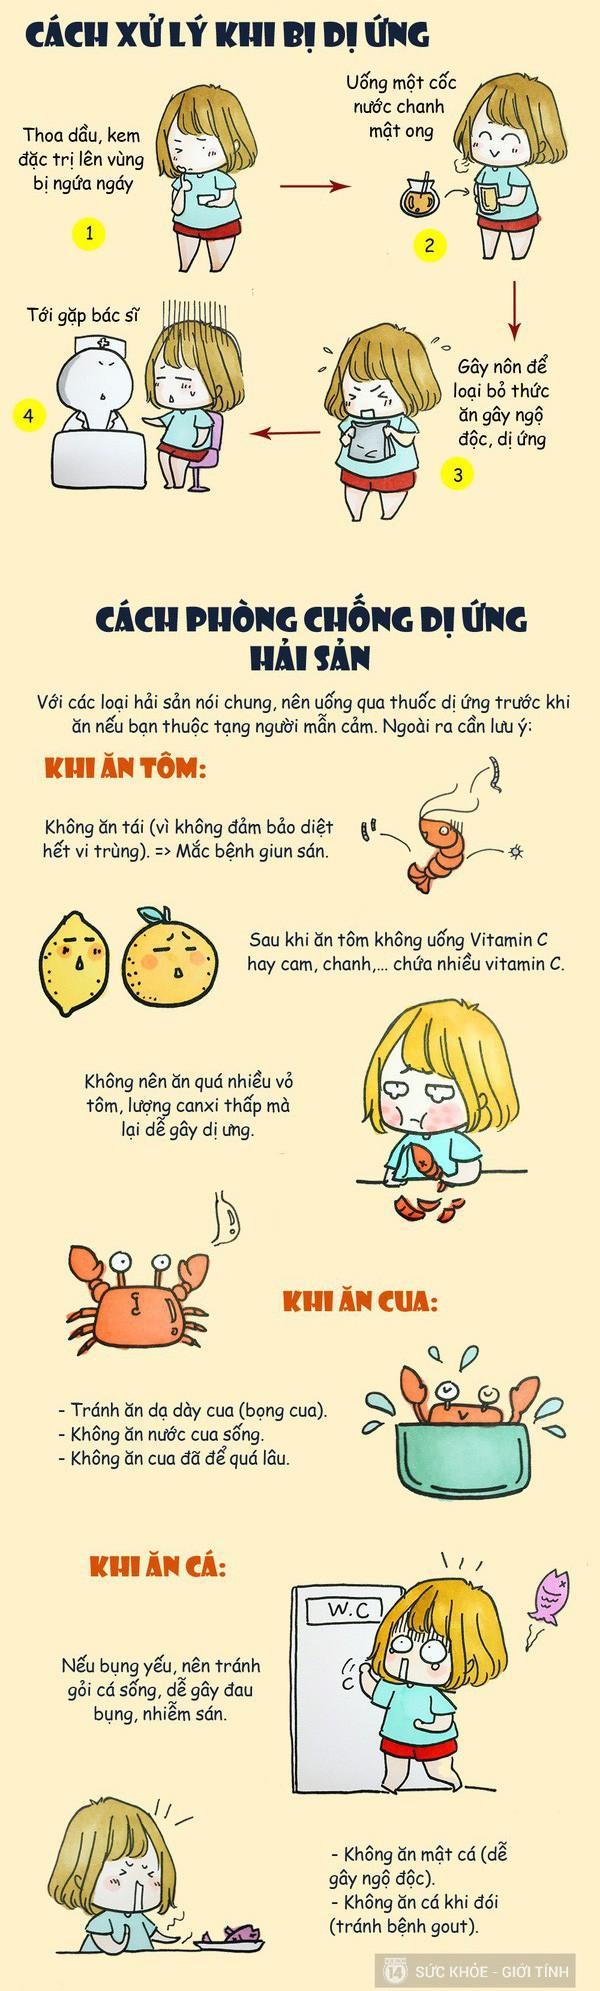 Chi Pu bị dị ứng hải sản ở Nhật khiến da mẩn ngứa, bạn cũng cần lưu ý khi ăn món này - ảnh 9